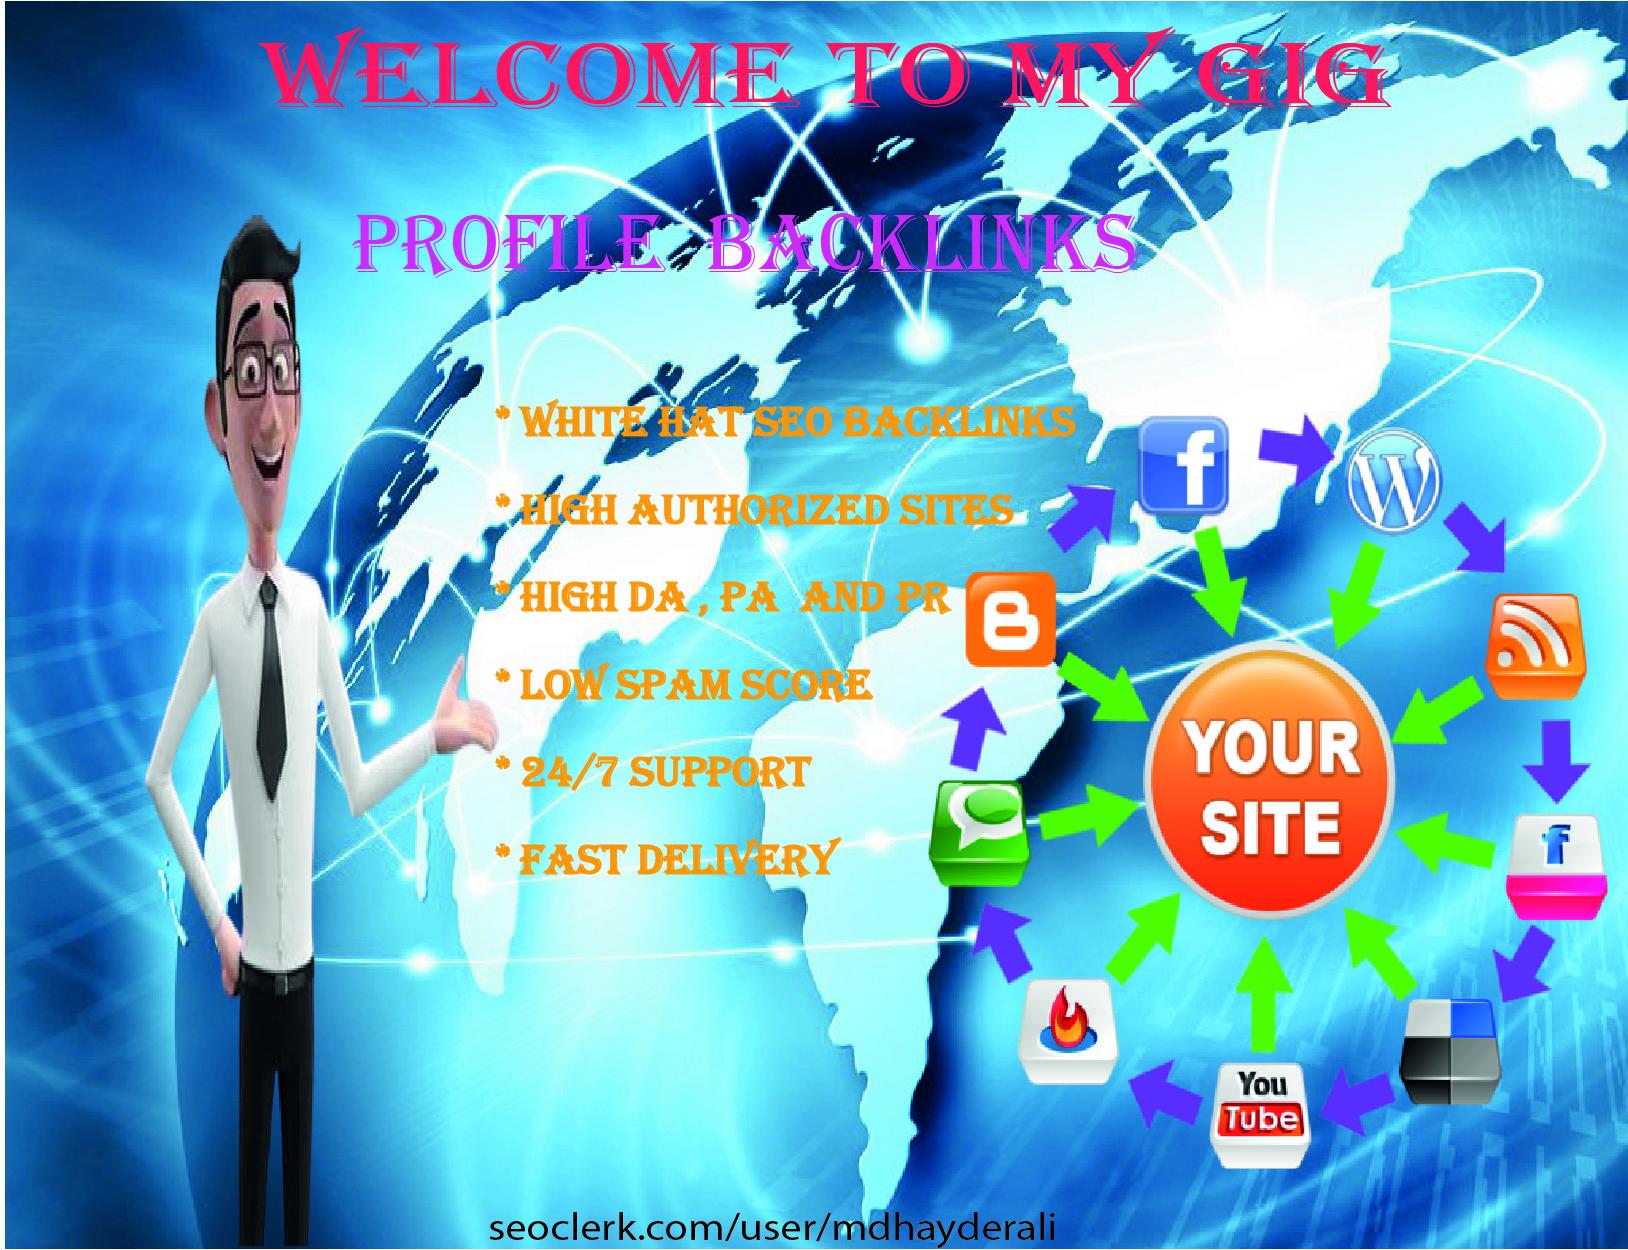 I will do create excellent 10 high DA and PR profile